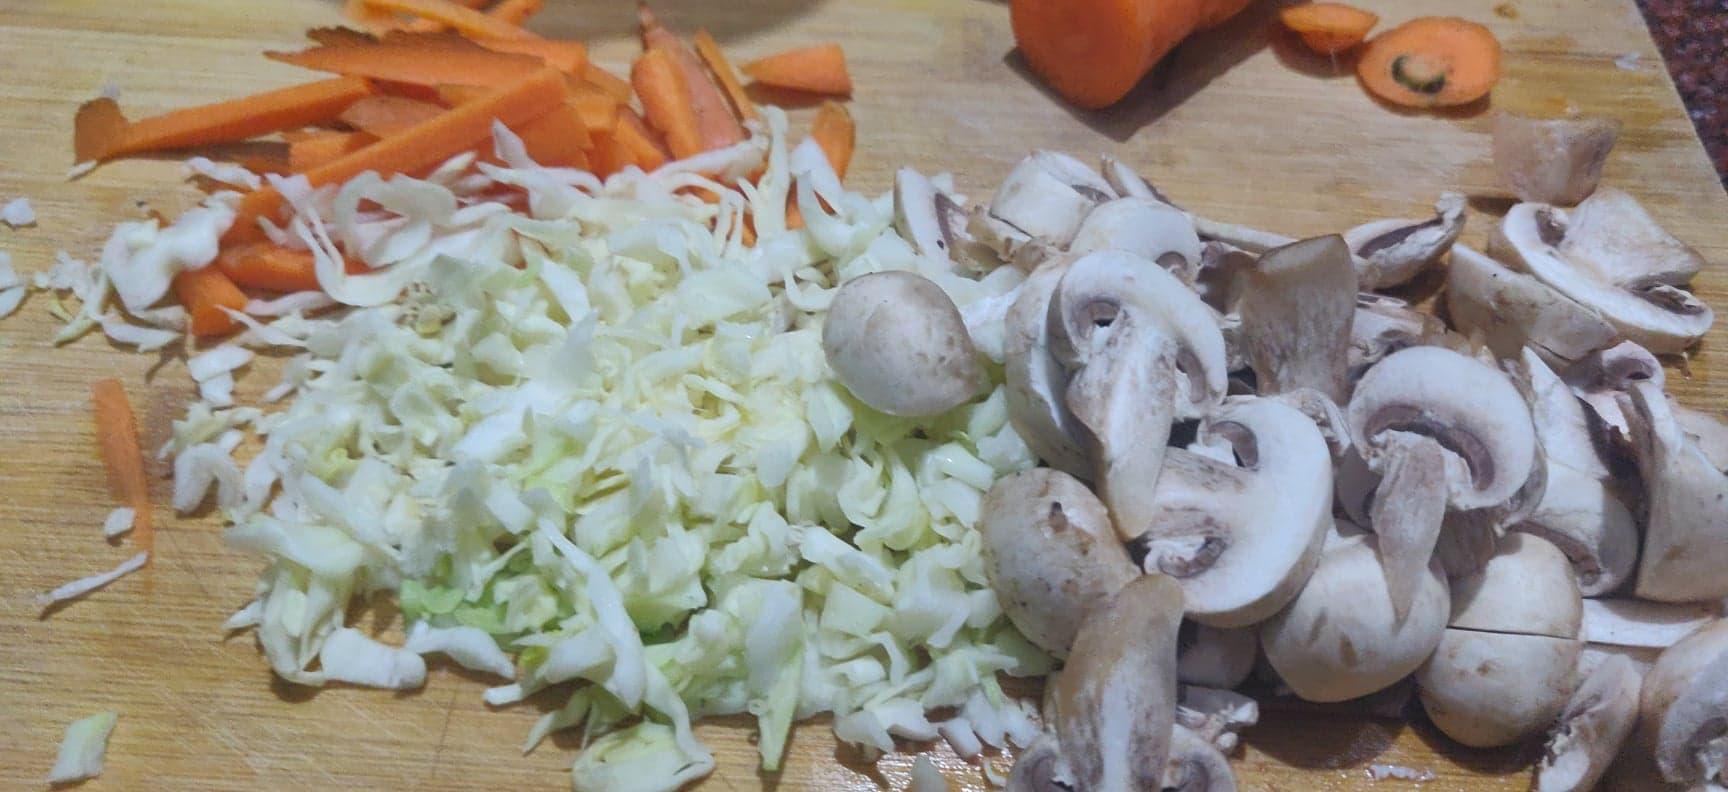 mushroom_noodles - 83308241_3070707952941658_3685627920505634816_n